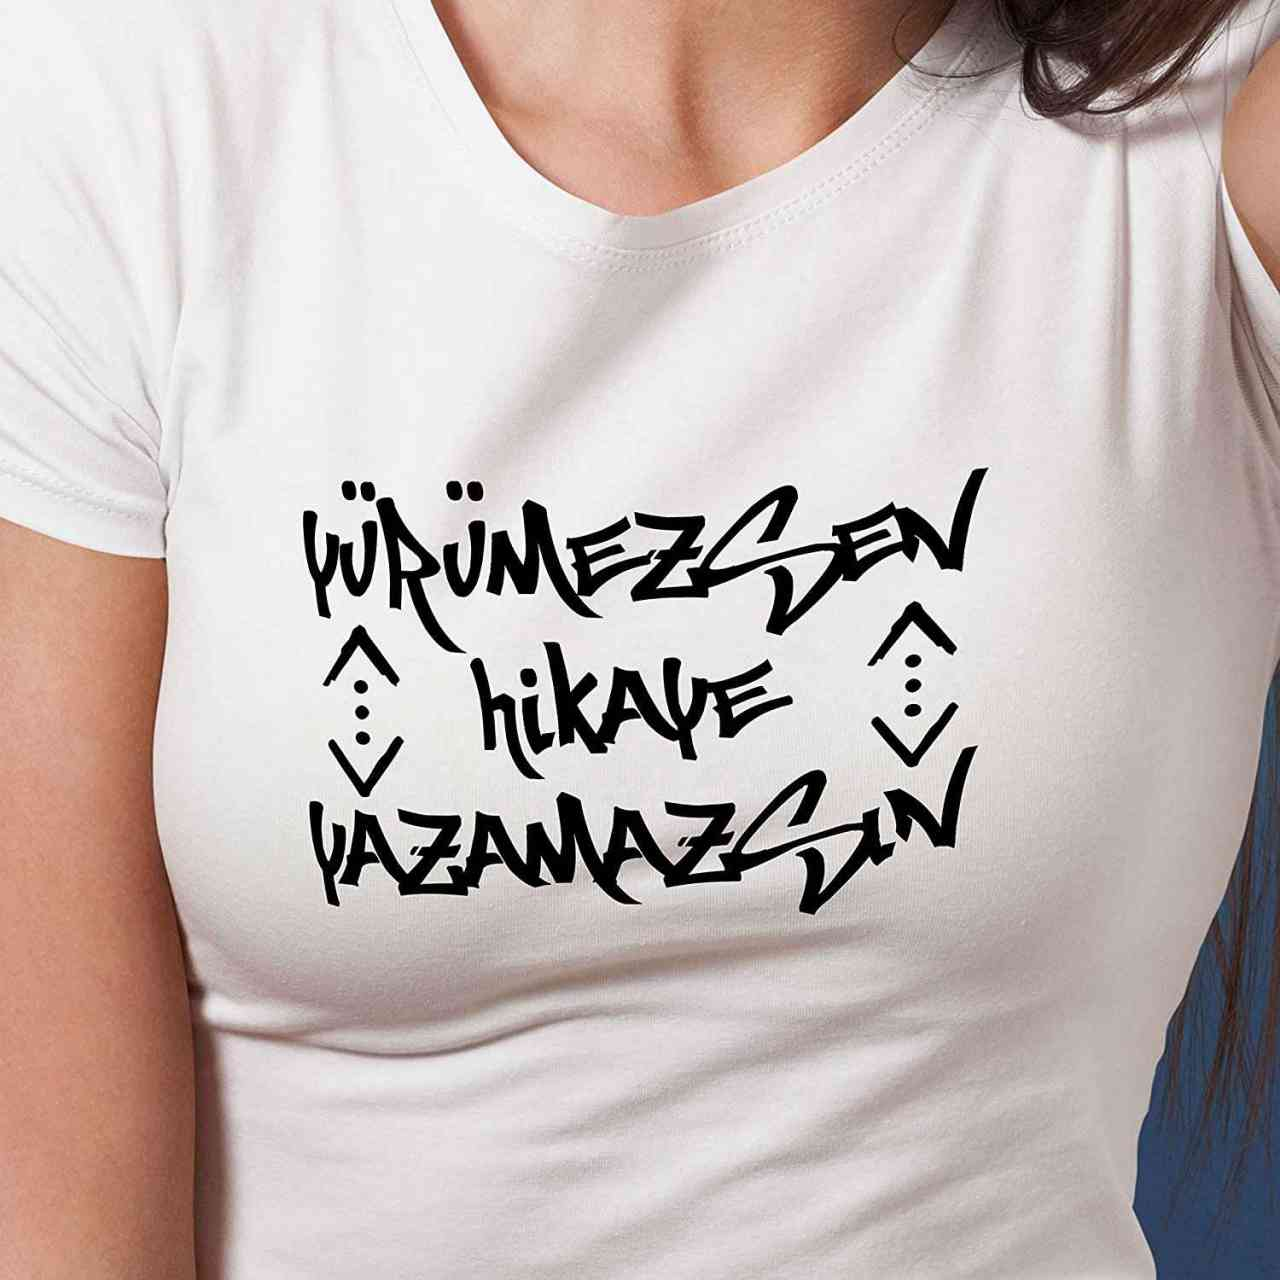 Cukur Yürümezsen Hikaye Yazamazsin T-Shirt | Männer oder Frauen (Unisex) | Türk Dizi Çukur